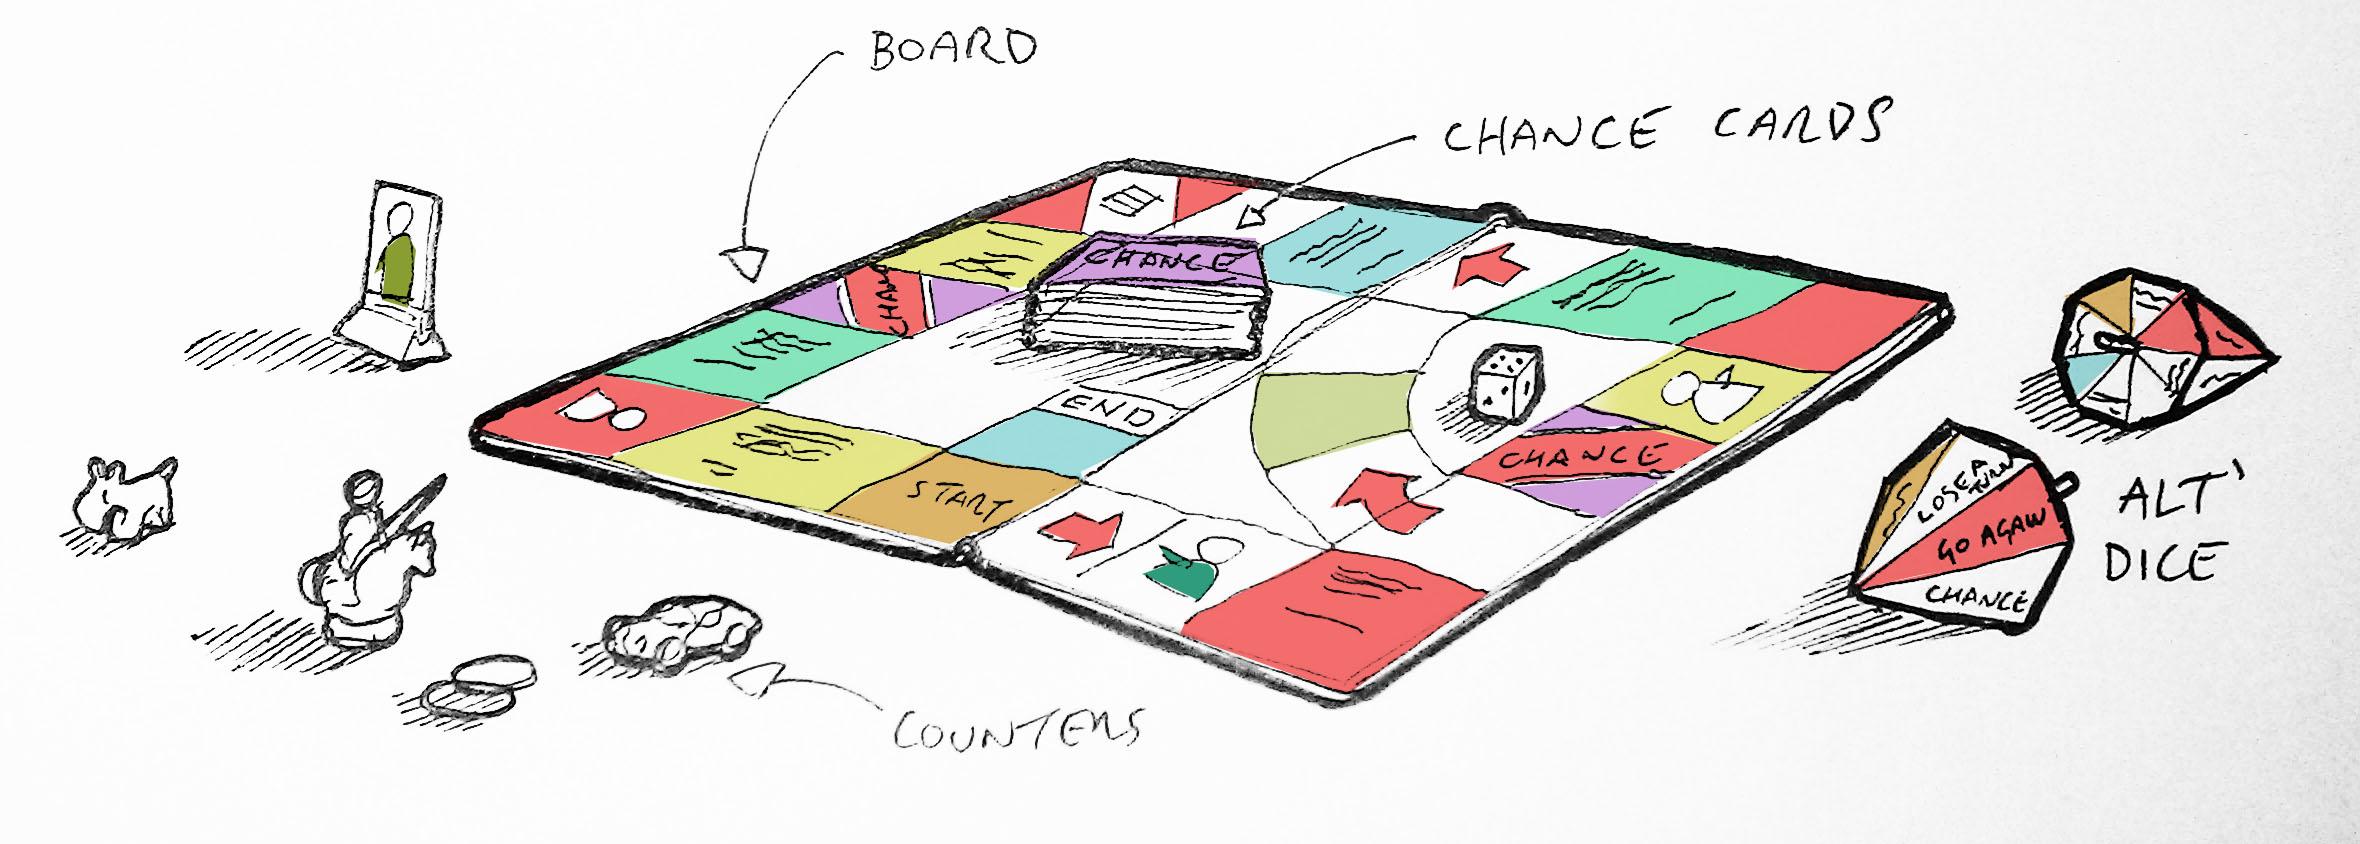 Board Game MiniProject Creative Briefs Apophenia Inc - Board game design